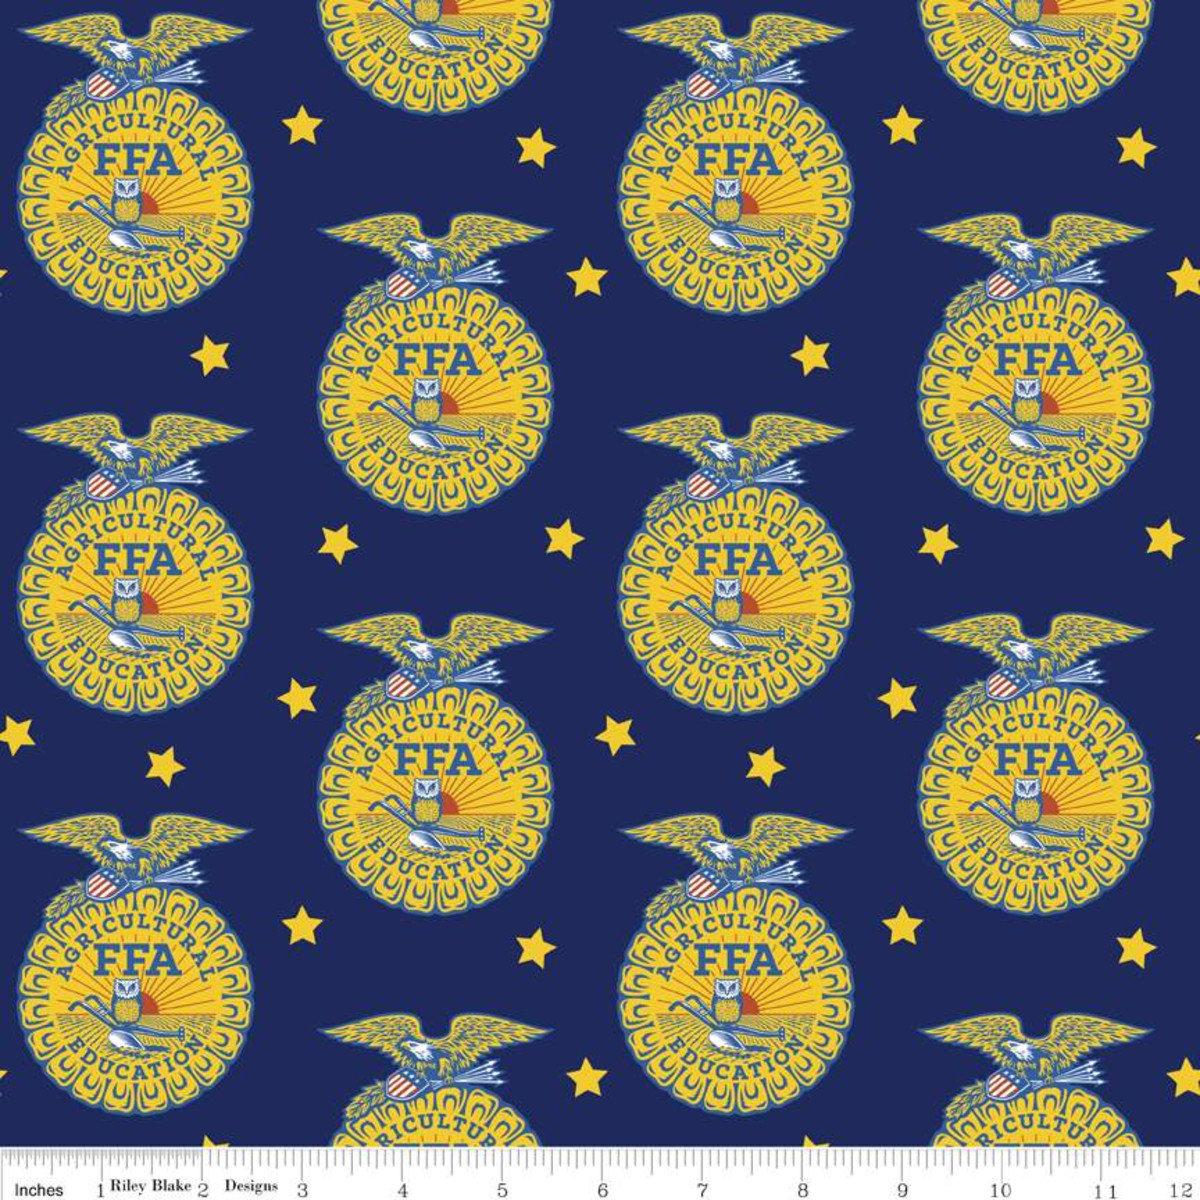 FFA Forever Blue Emblem Blue Fabric By Riley Blake